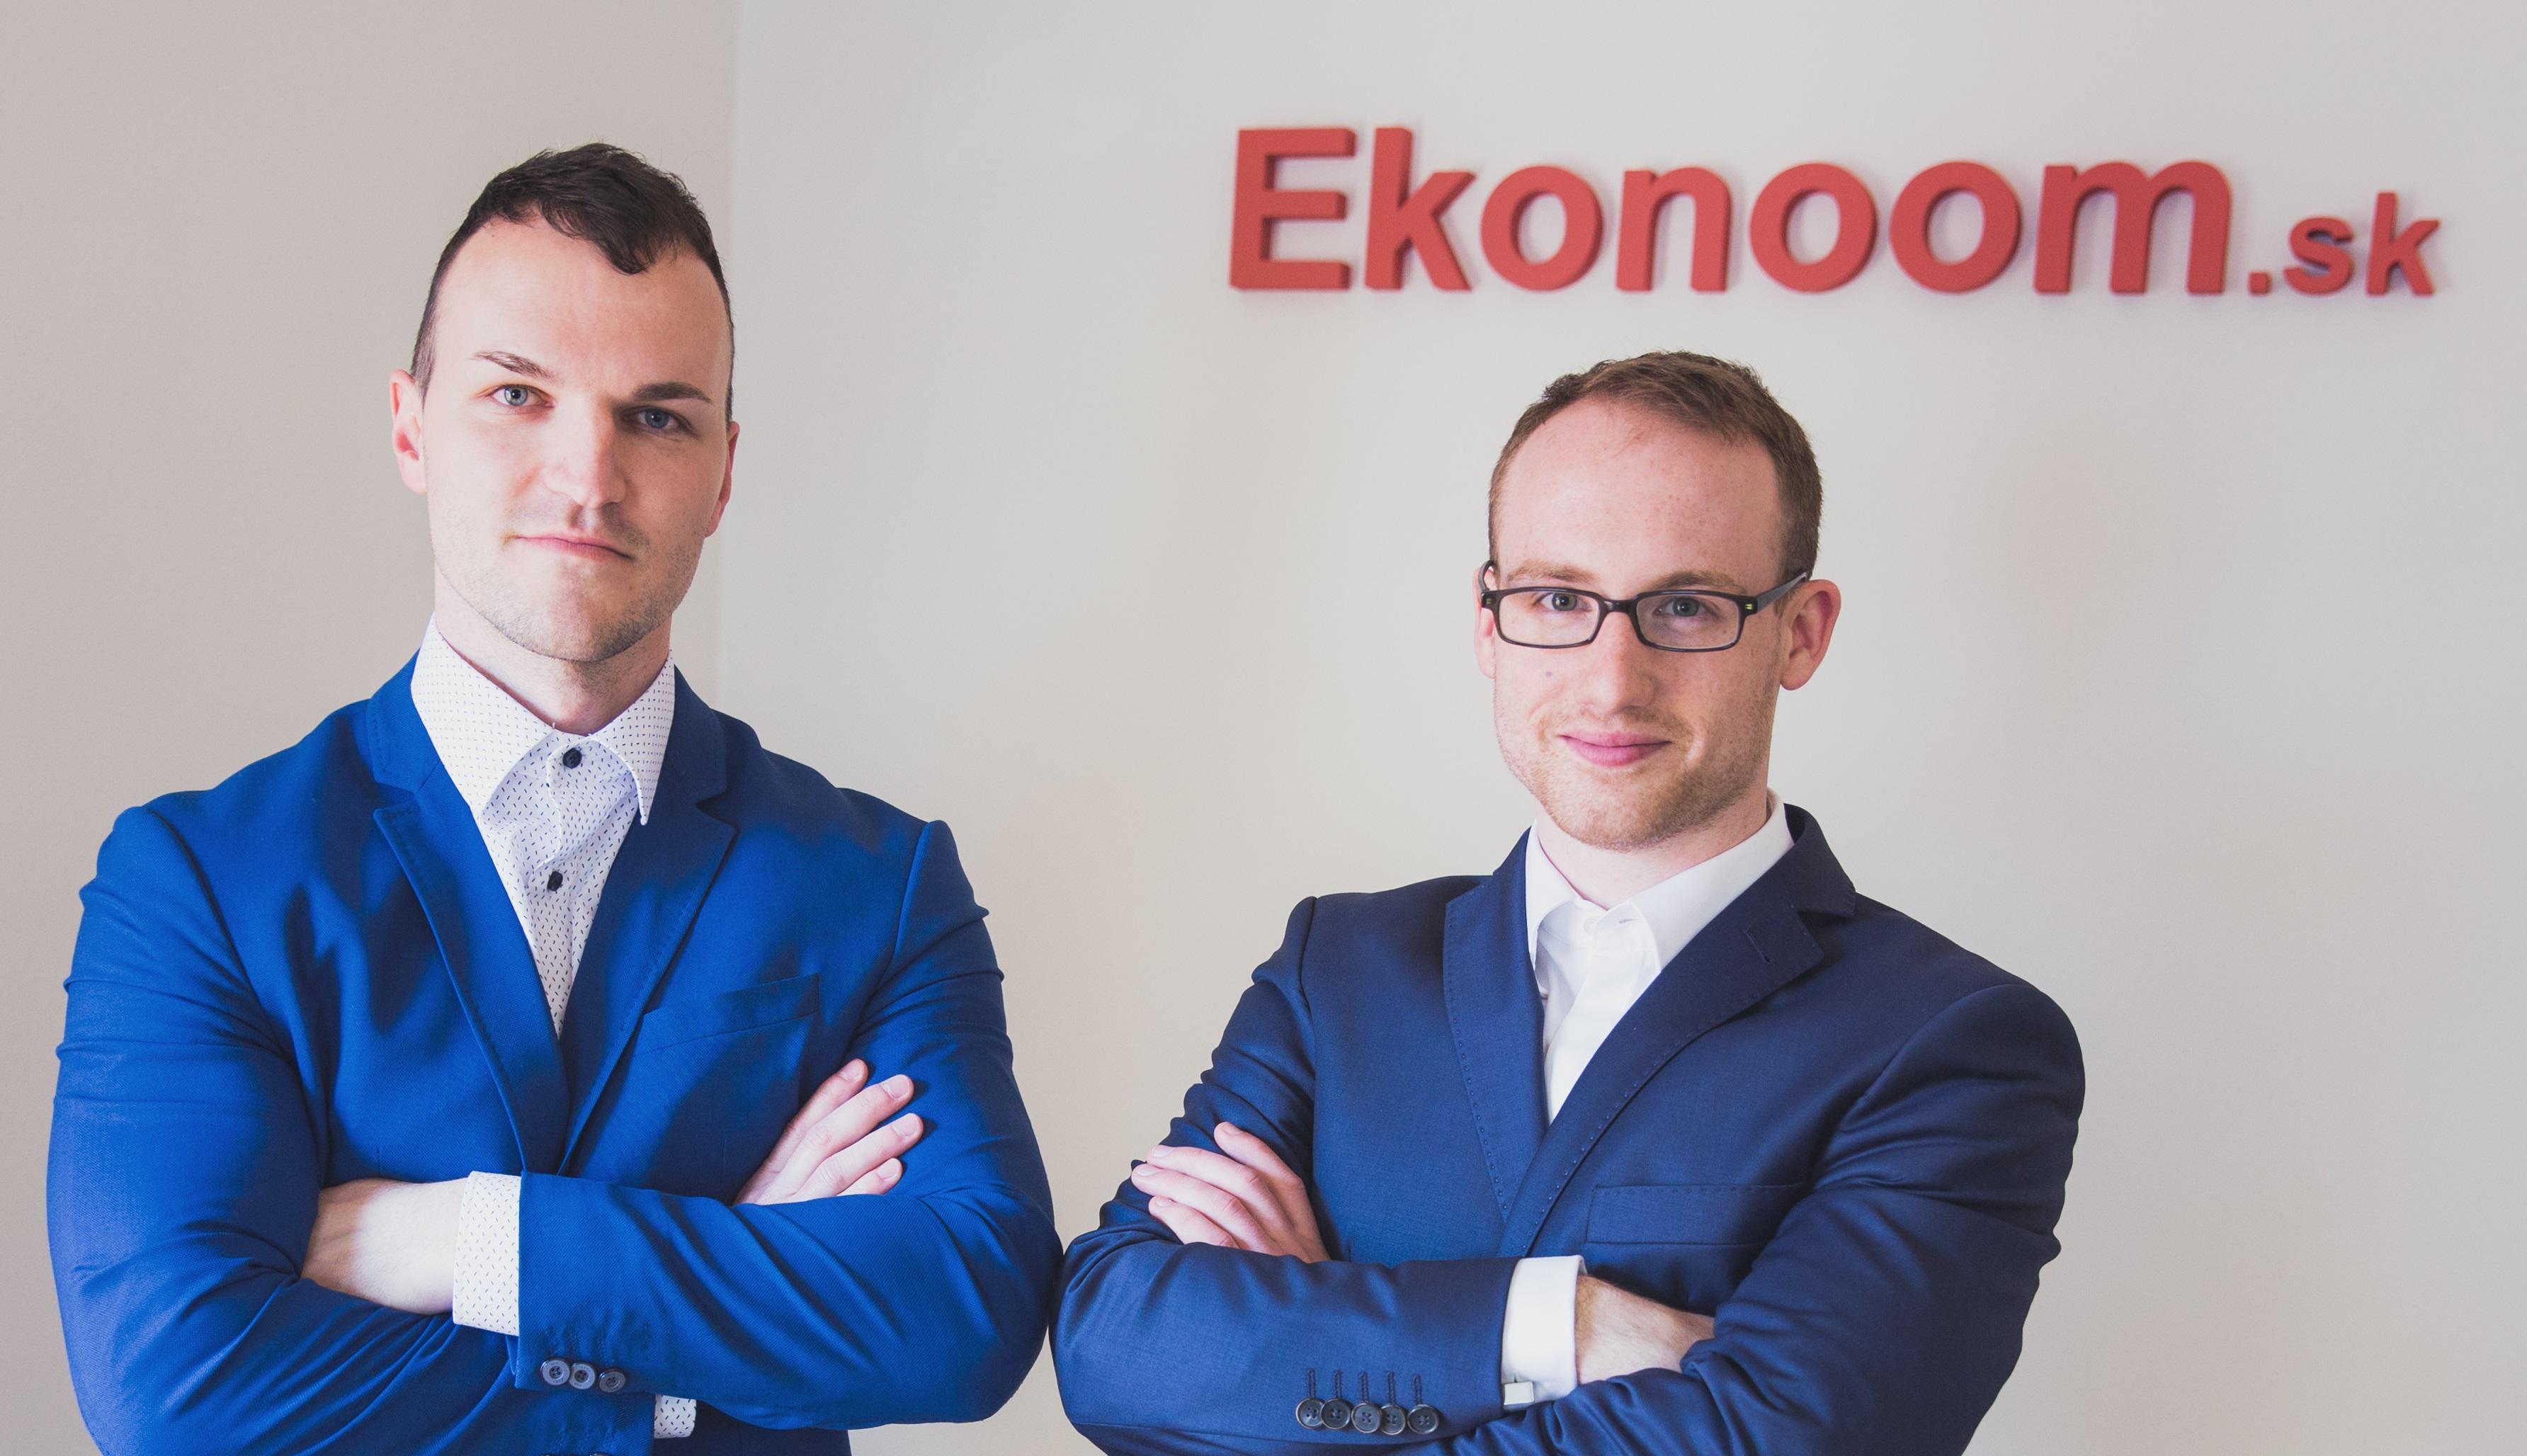 Účtovník - Ekonoom.sk